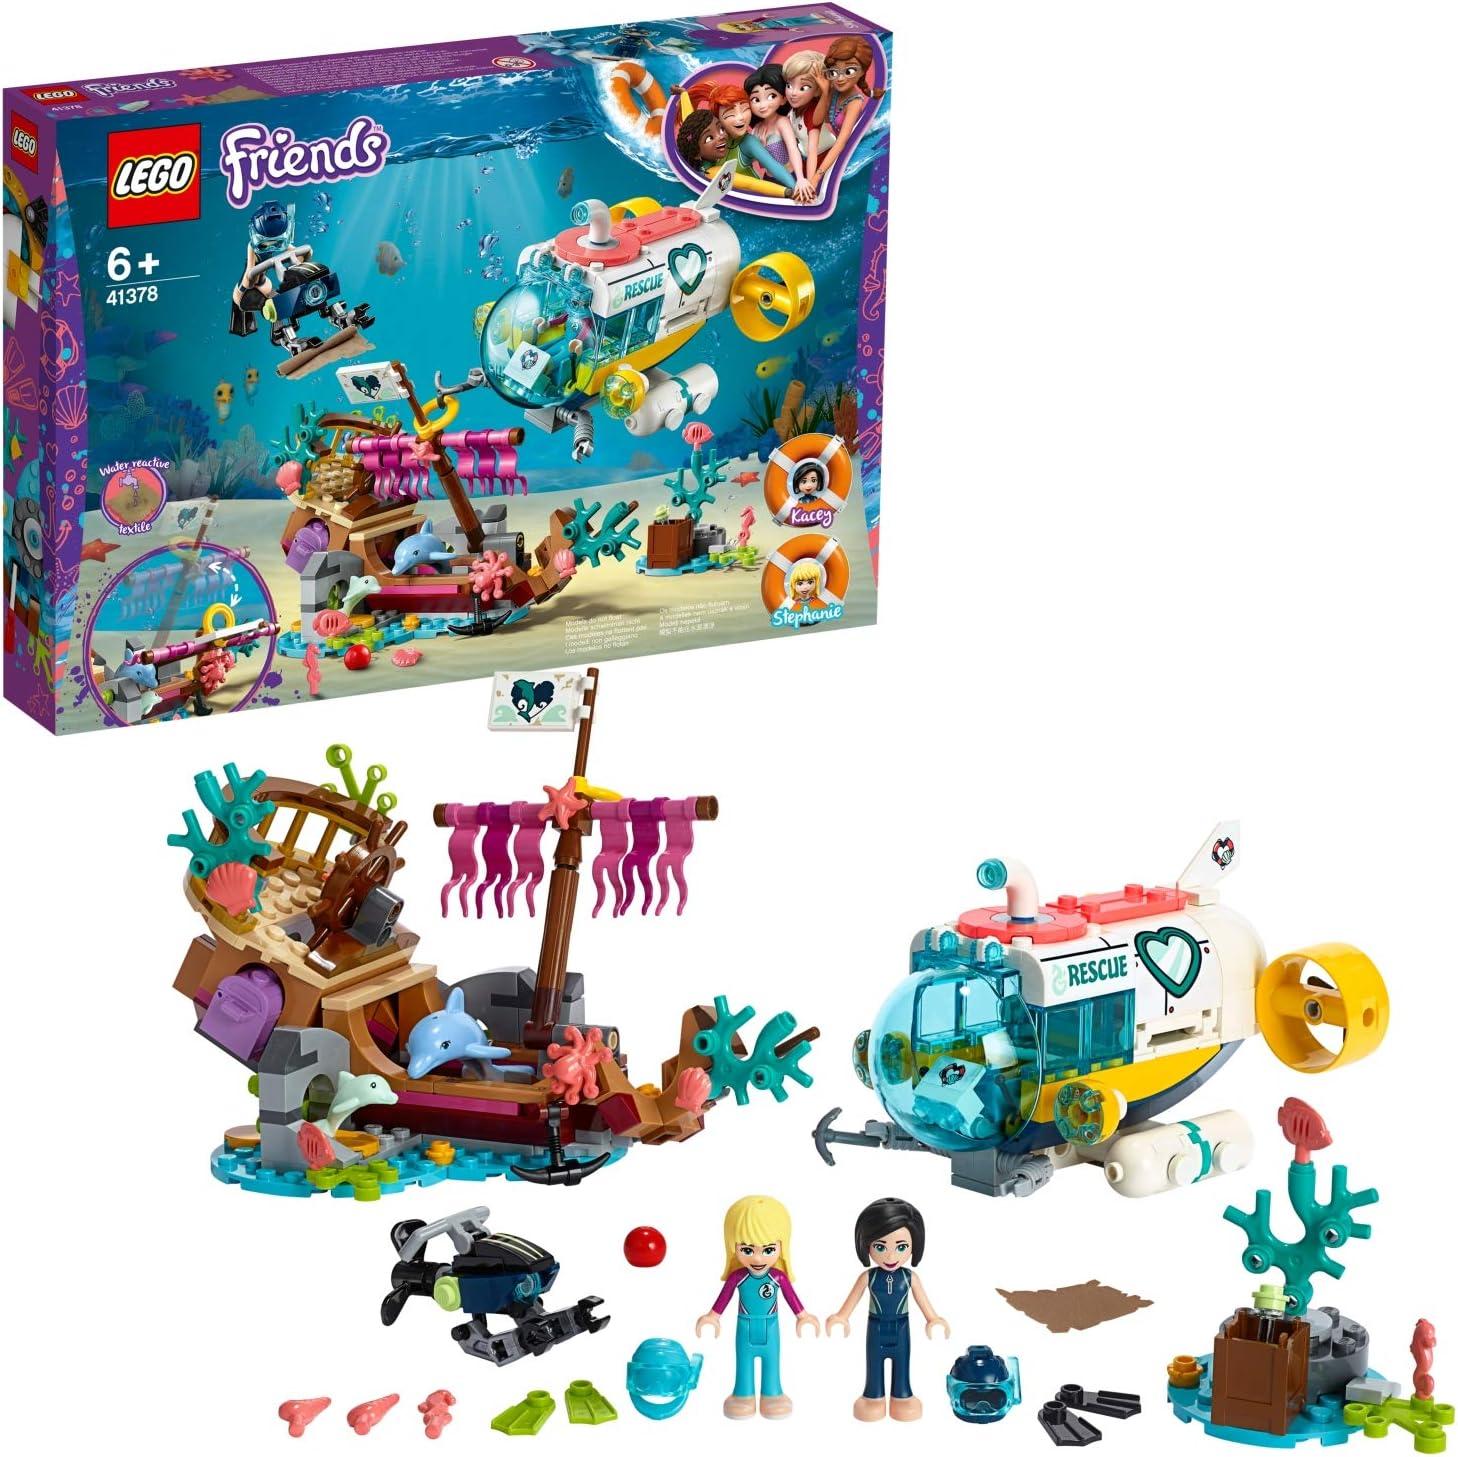 LEGO Friends - Misión de Rescate: Delfines Nuevo set de construcción de juguete de Barco Hundido y Robot Submarino Busca Tesoros (41378): Amazon.es: Juguetes y juegos